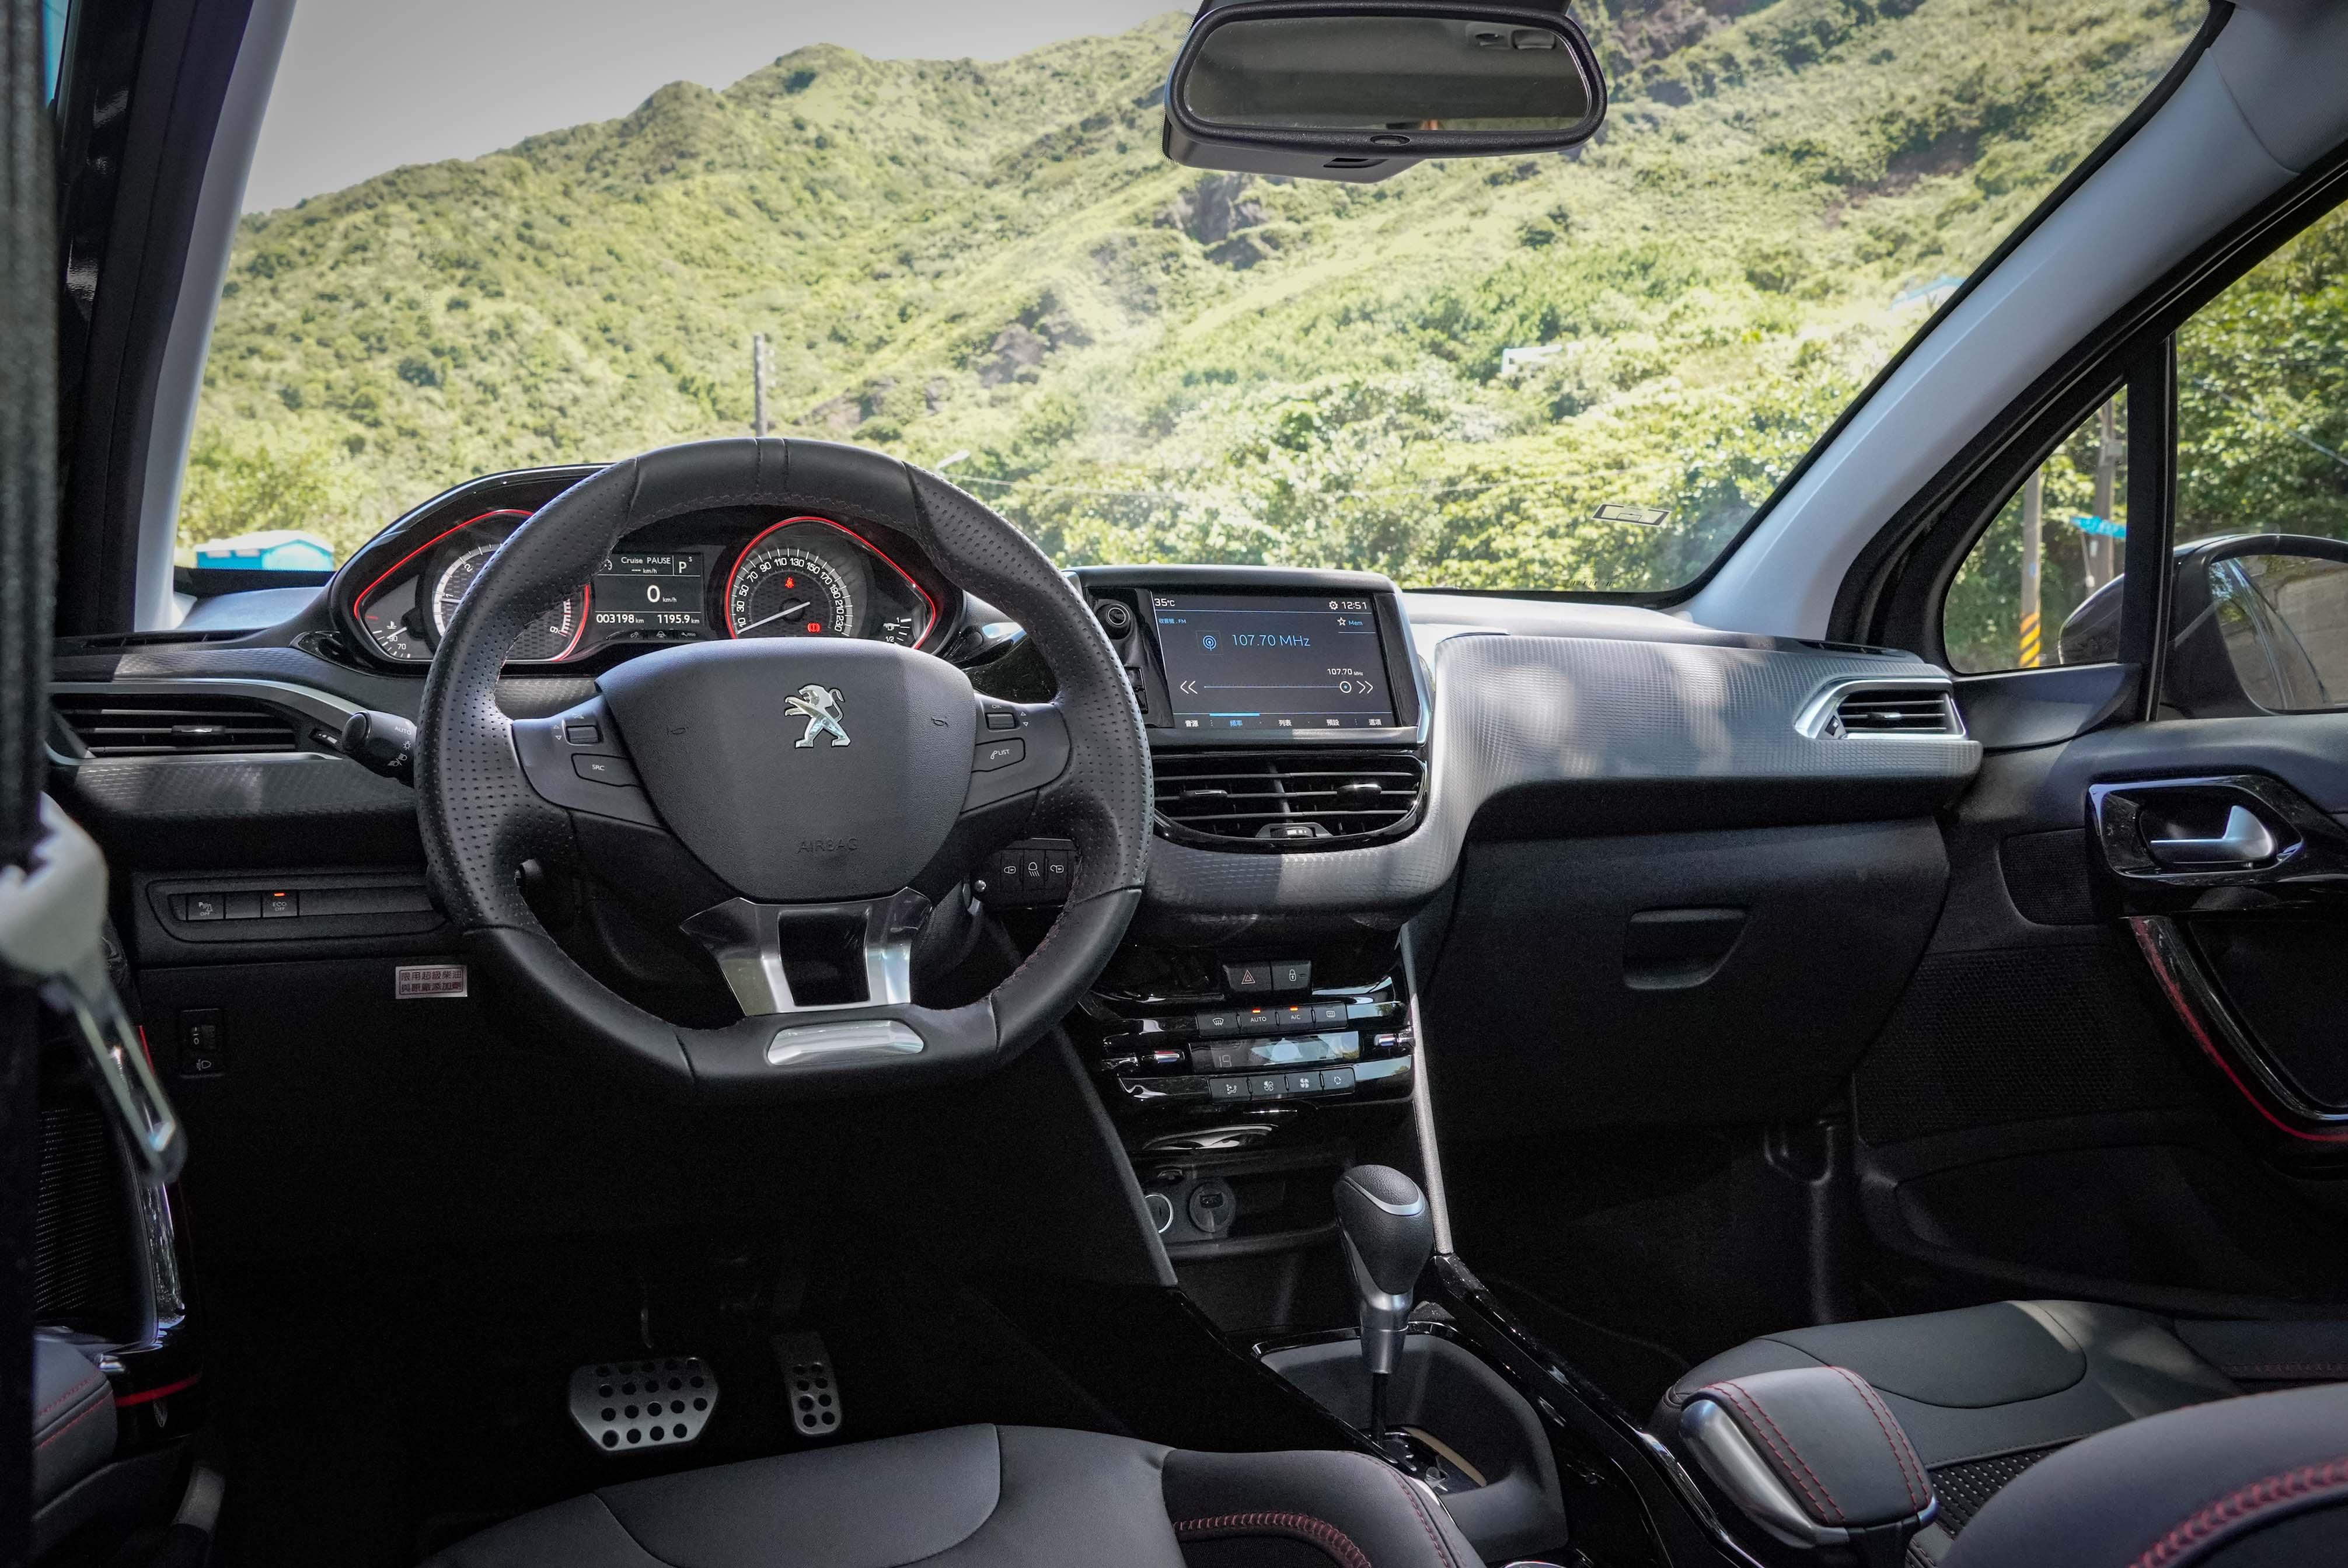 2008 特仕版內裝標配皮革包覆方向盤與鍍鉻裝飾、全車染色隔熱玻璃、三模式雙區數位恆溫空調系統。